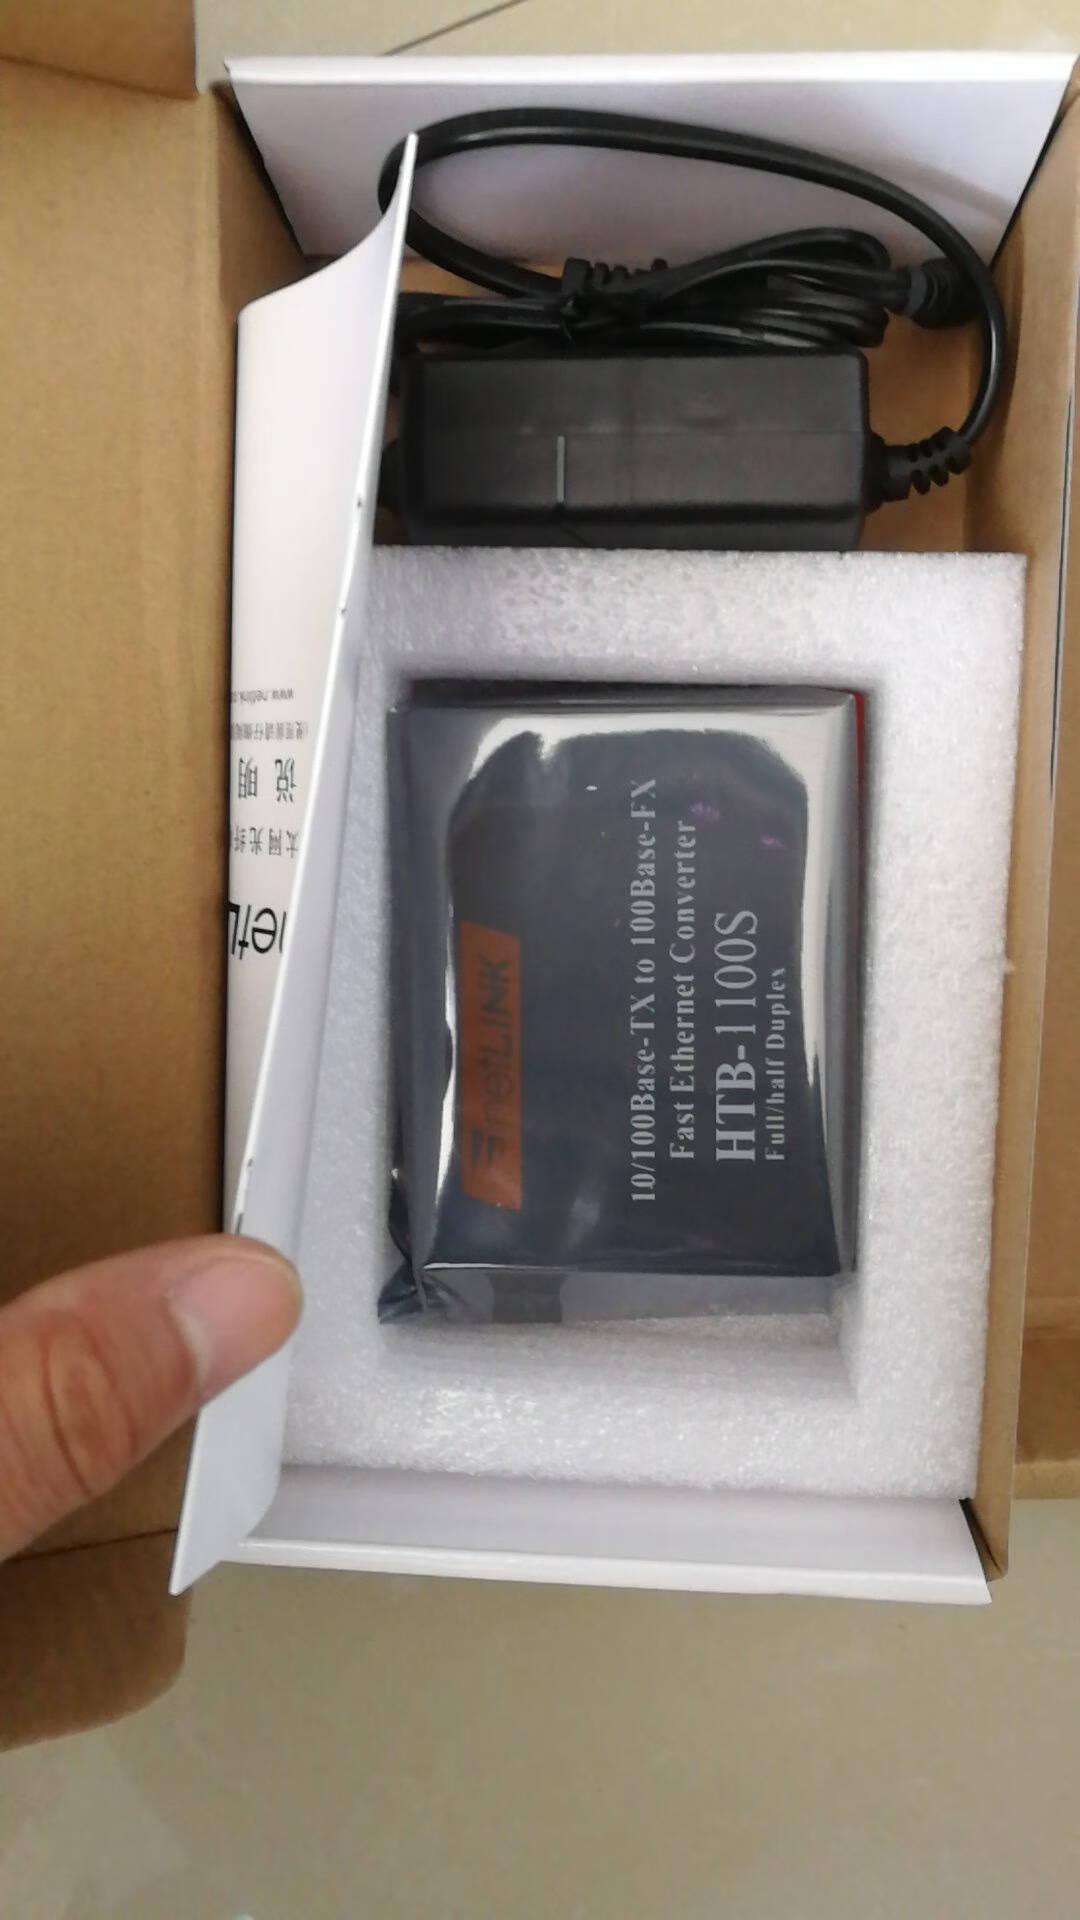 netLINKHTB-1100S-25KM百兆单模双纤光纤收发器光电转换器外置电源SC接口商业级一对价0-25KM